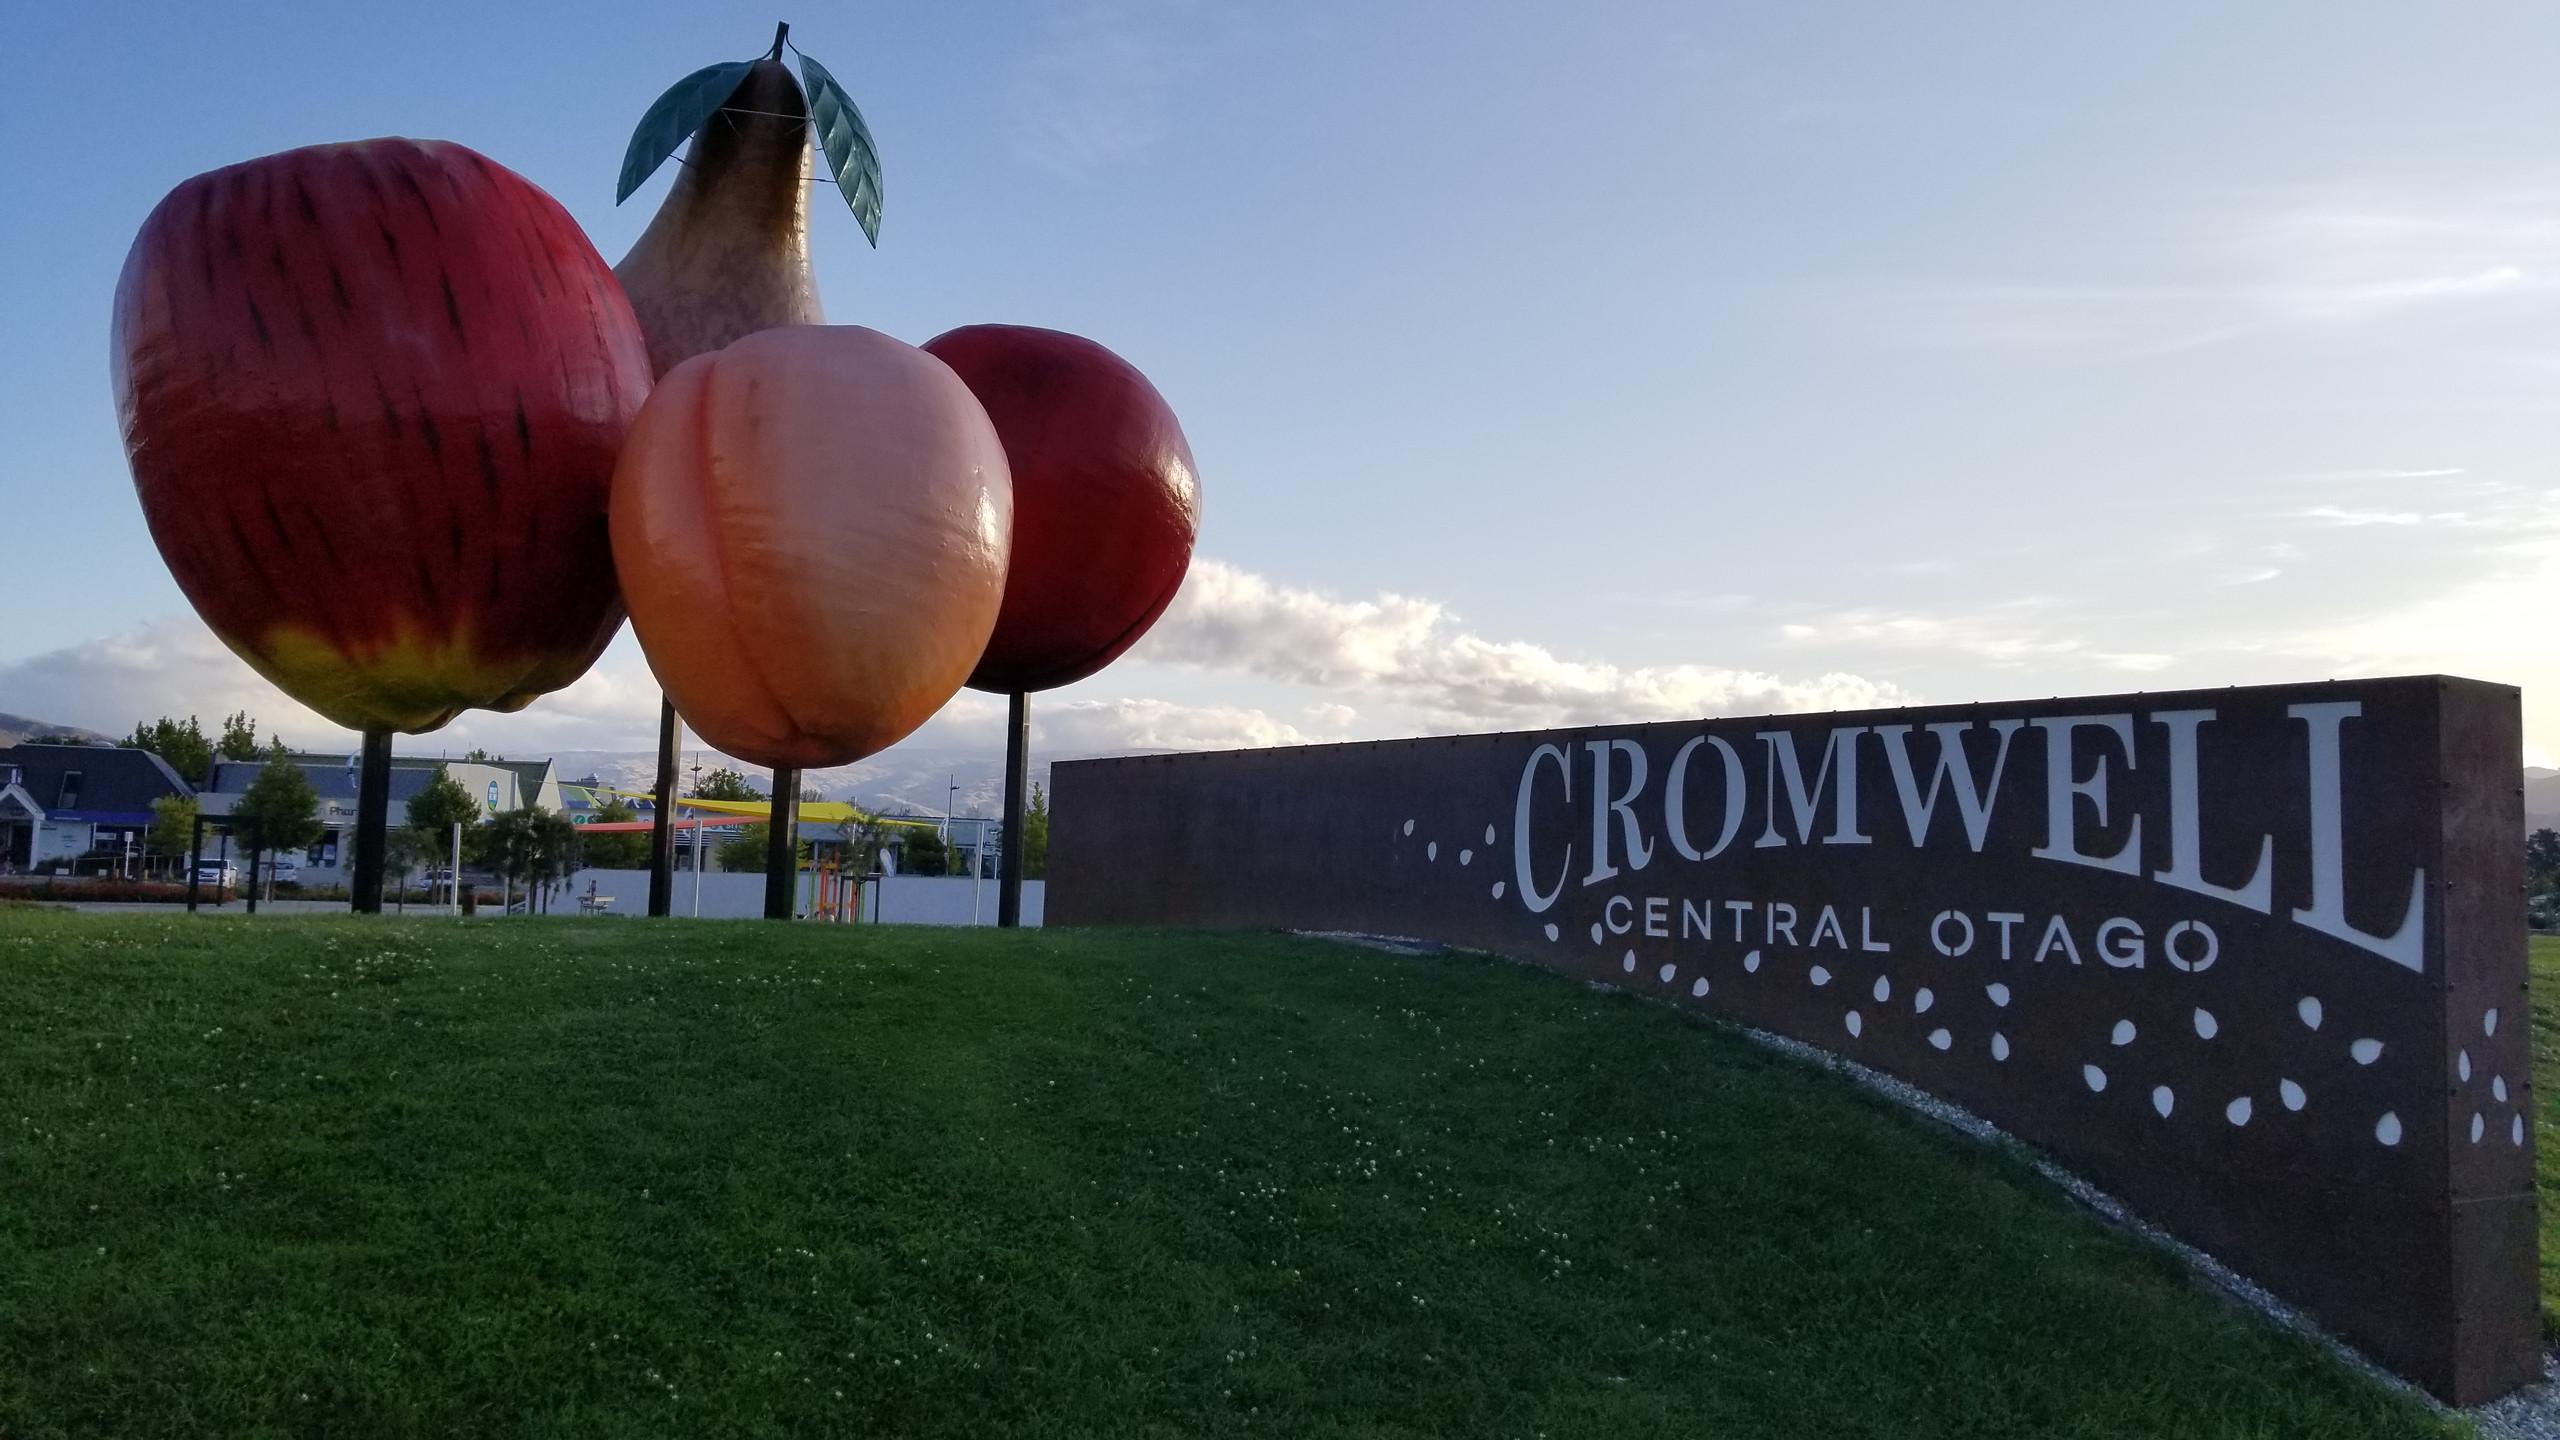 Cromwell New Zealand